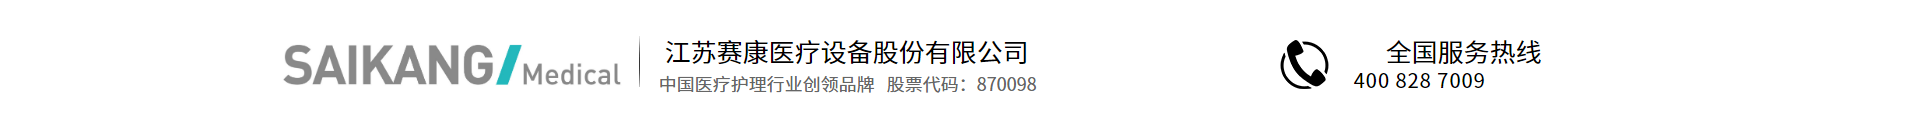 江蘇賽康醫療設備股份有限公司